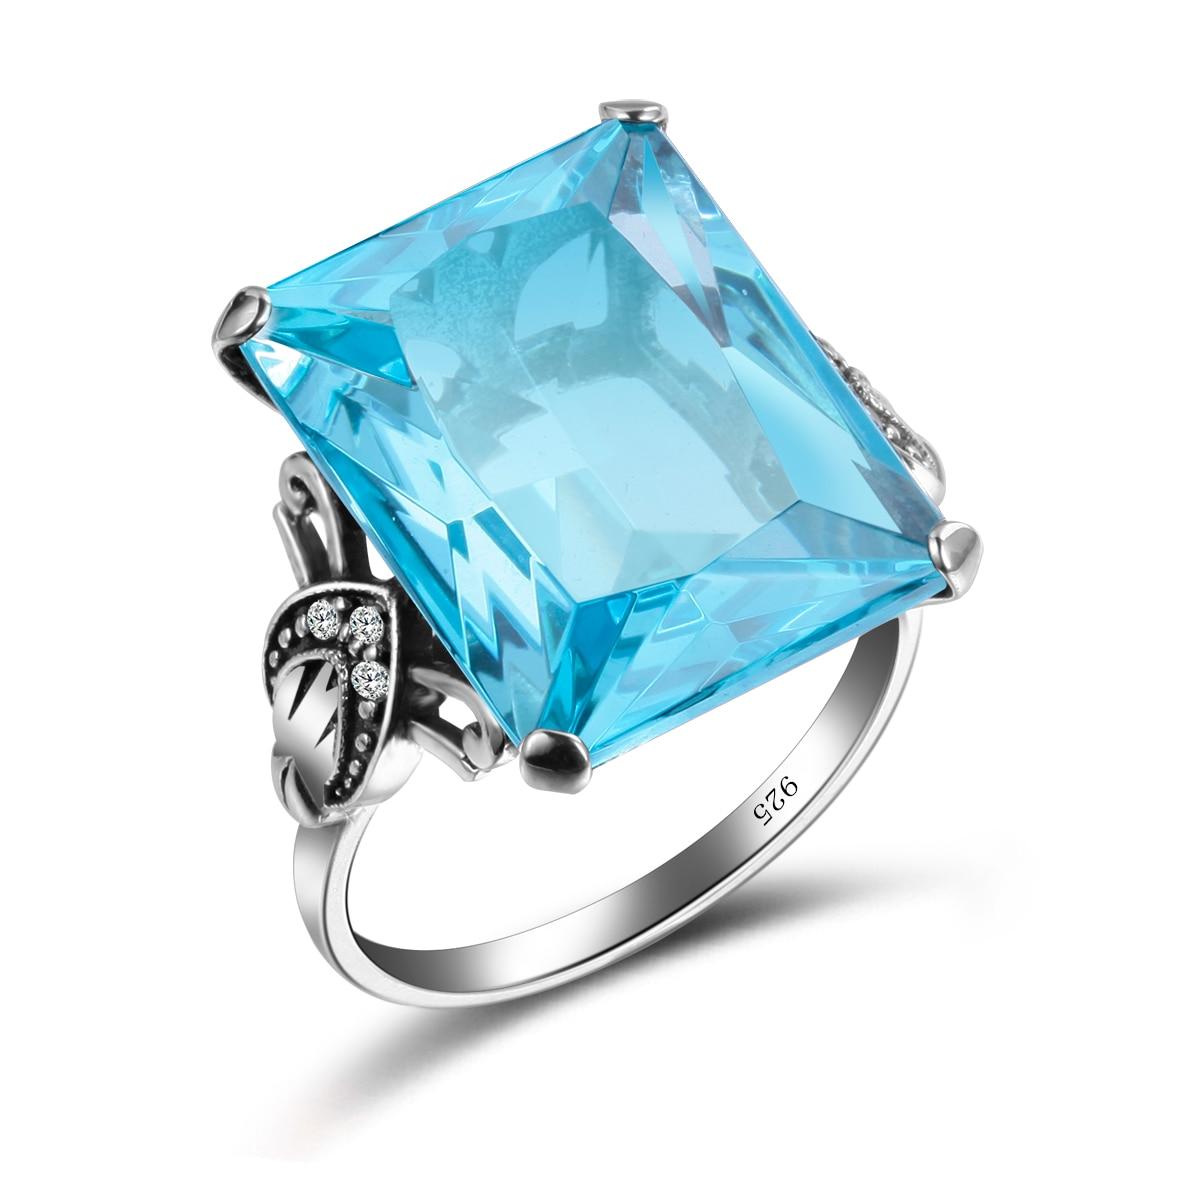 100% Authentische 925 Sterling Silber Dazzling Aquamarin Finger Ringe Für Frauen Simulieren Diamant Hochzeit Engagement Schmuck Geschenk 100% Original